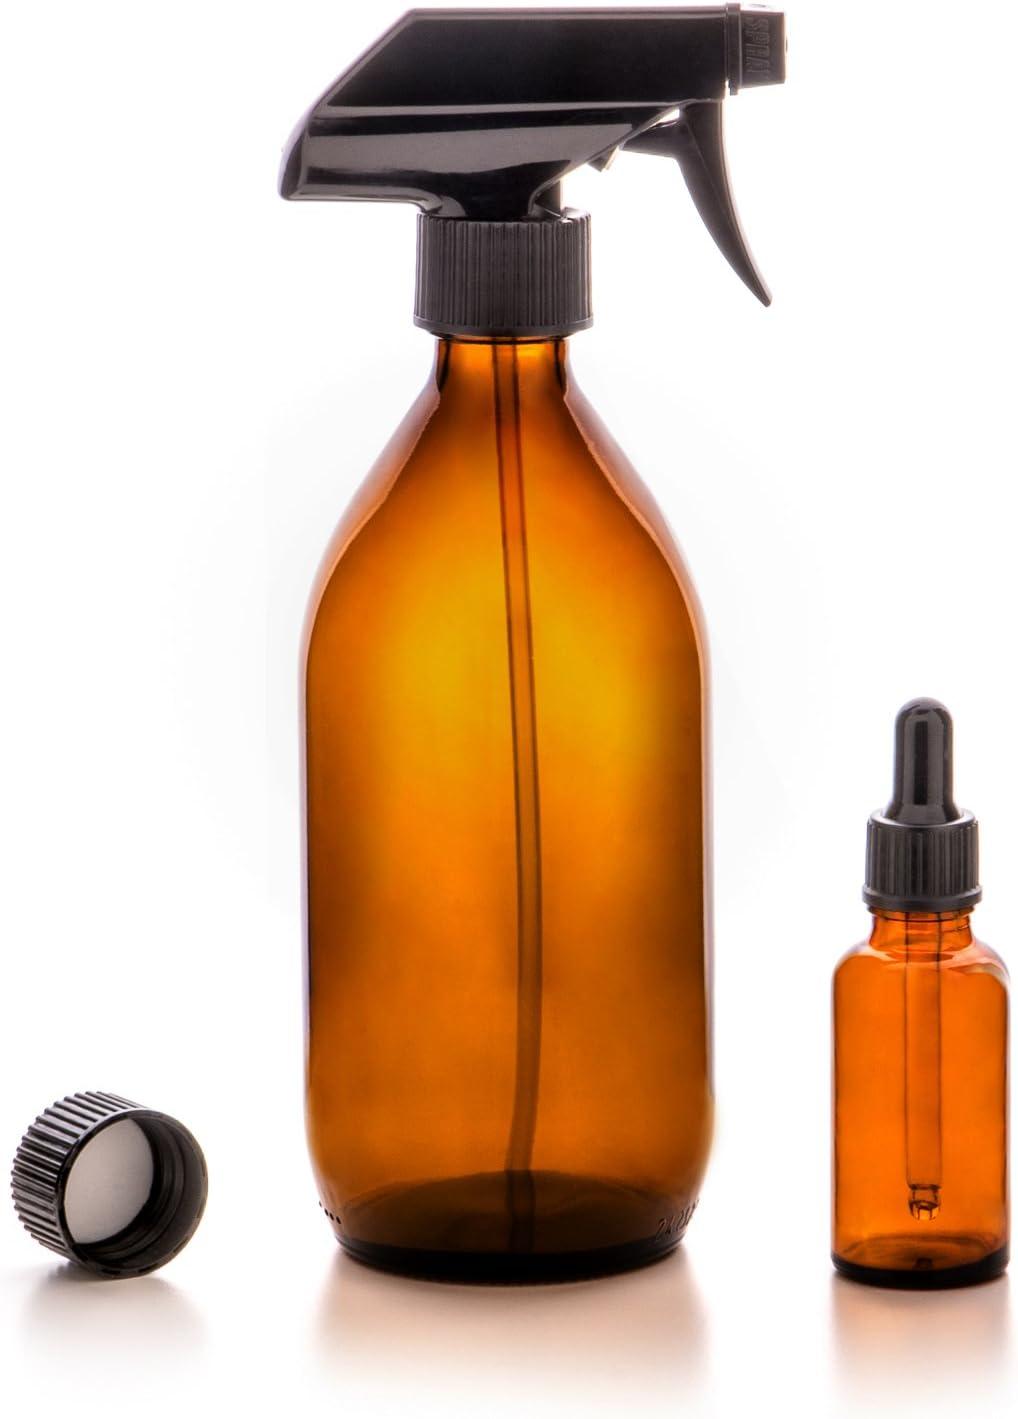 Nutra4Radiance Vaporizador en Botella de Cristal Ámbar 500mL + Cuentagotas Botella 30mL Eco-friendly / Reutilizable para Belleza Orgánica / Aromaterapia / Plantas